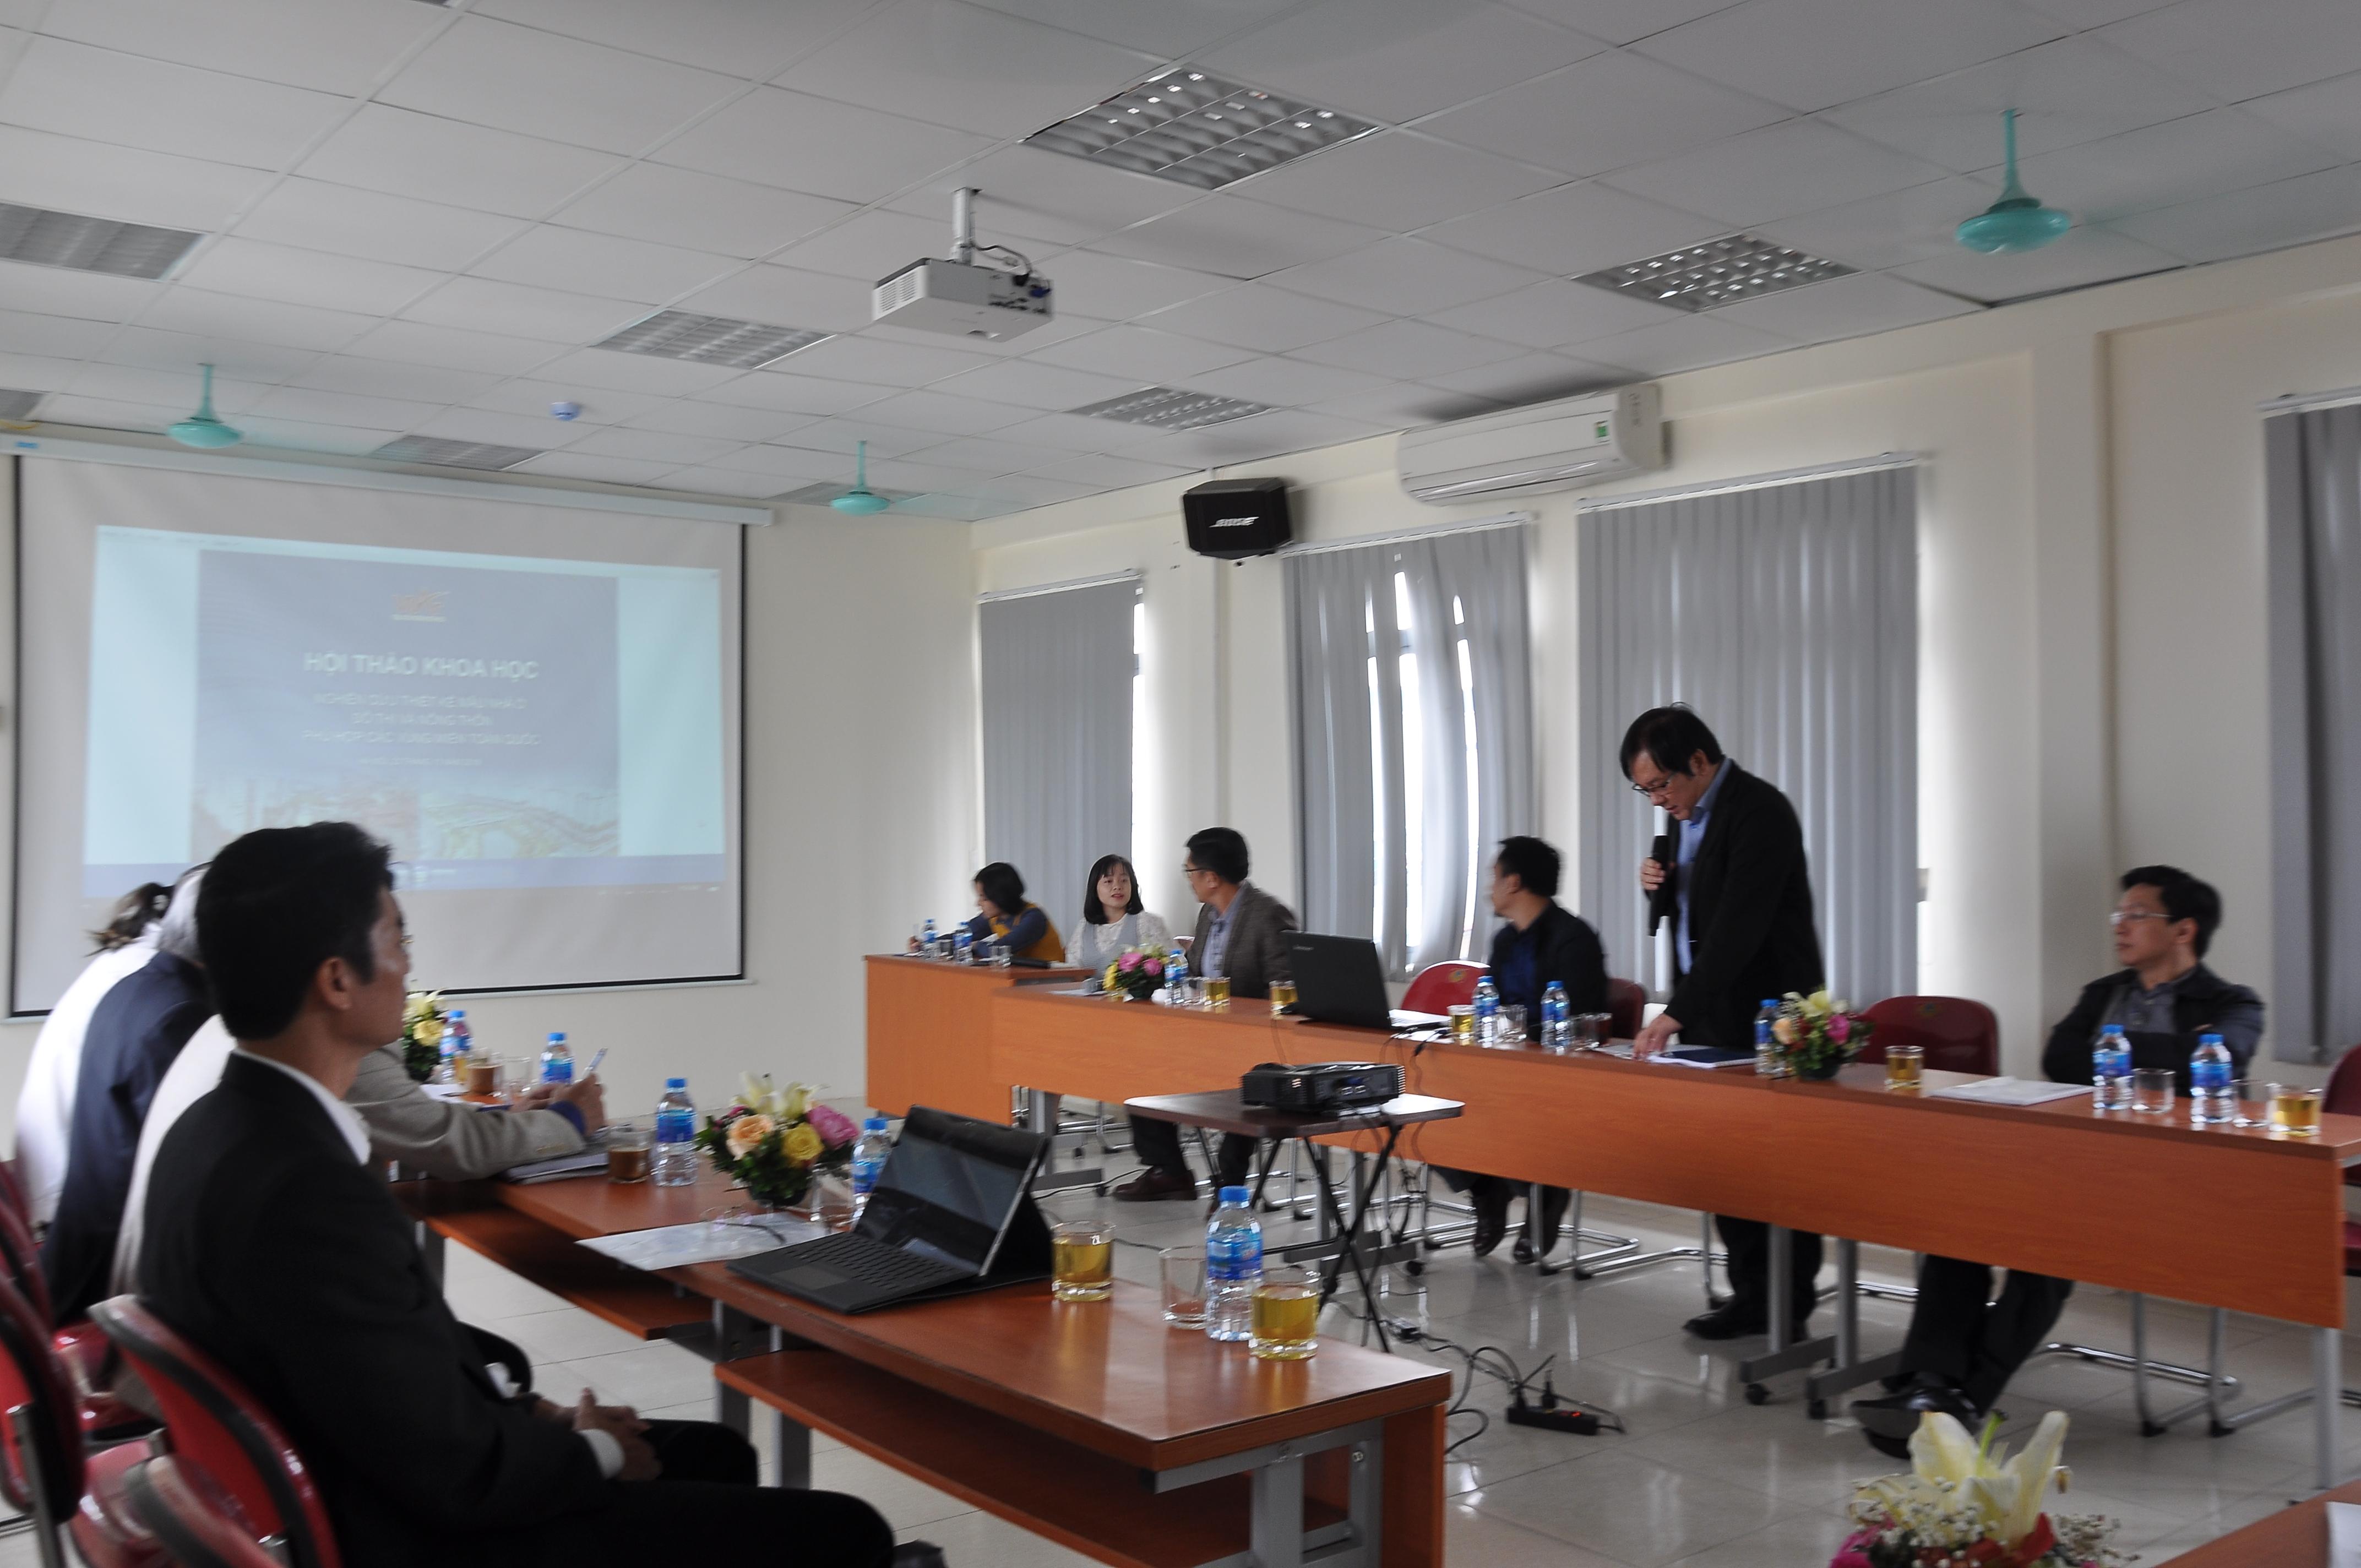 """Hội thảo """"Nghiên cứu thiết kế mẫu nhà ở đô thị và nông thôn phù hợp các vùng miền toàn quốc"""""""